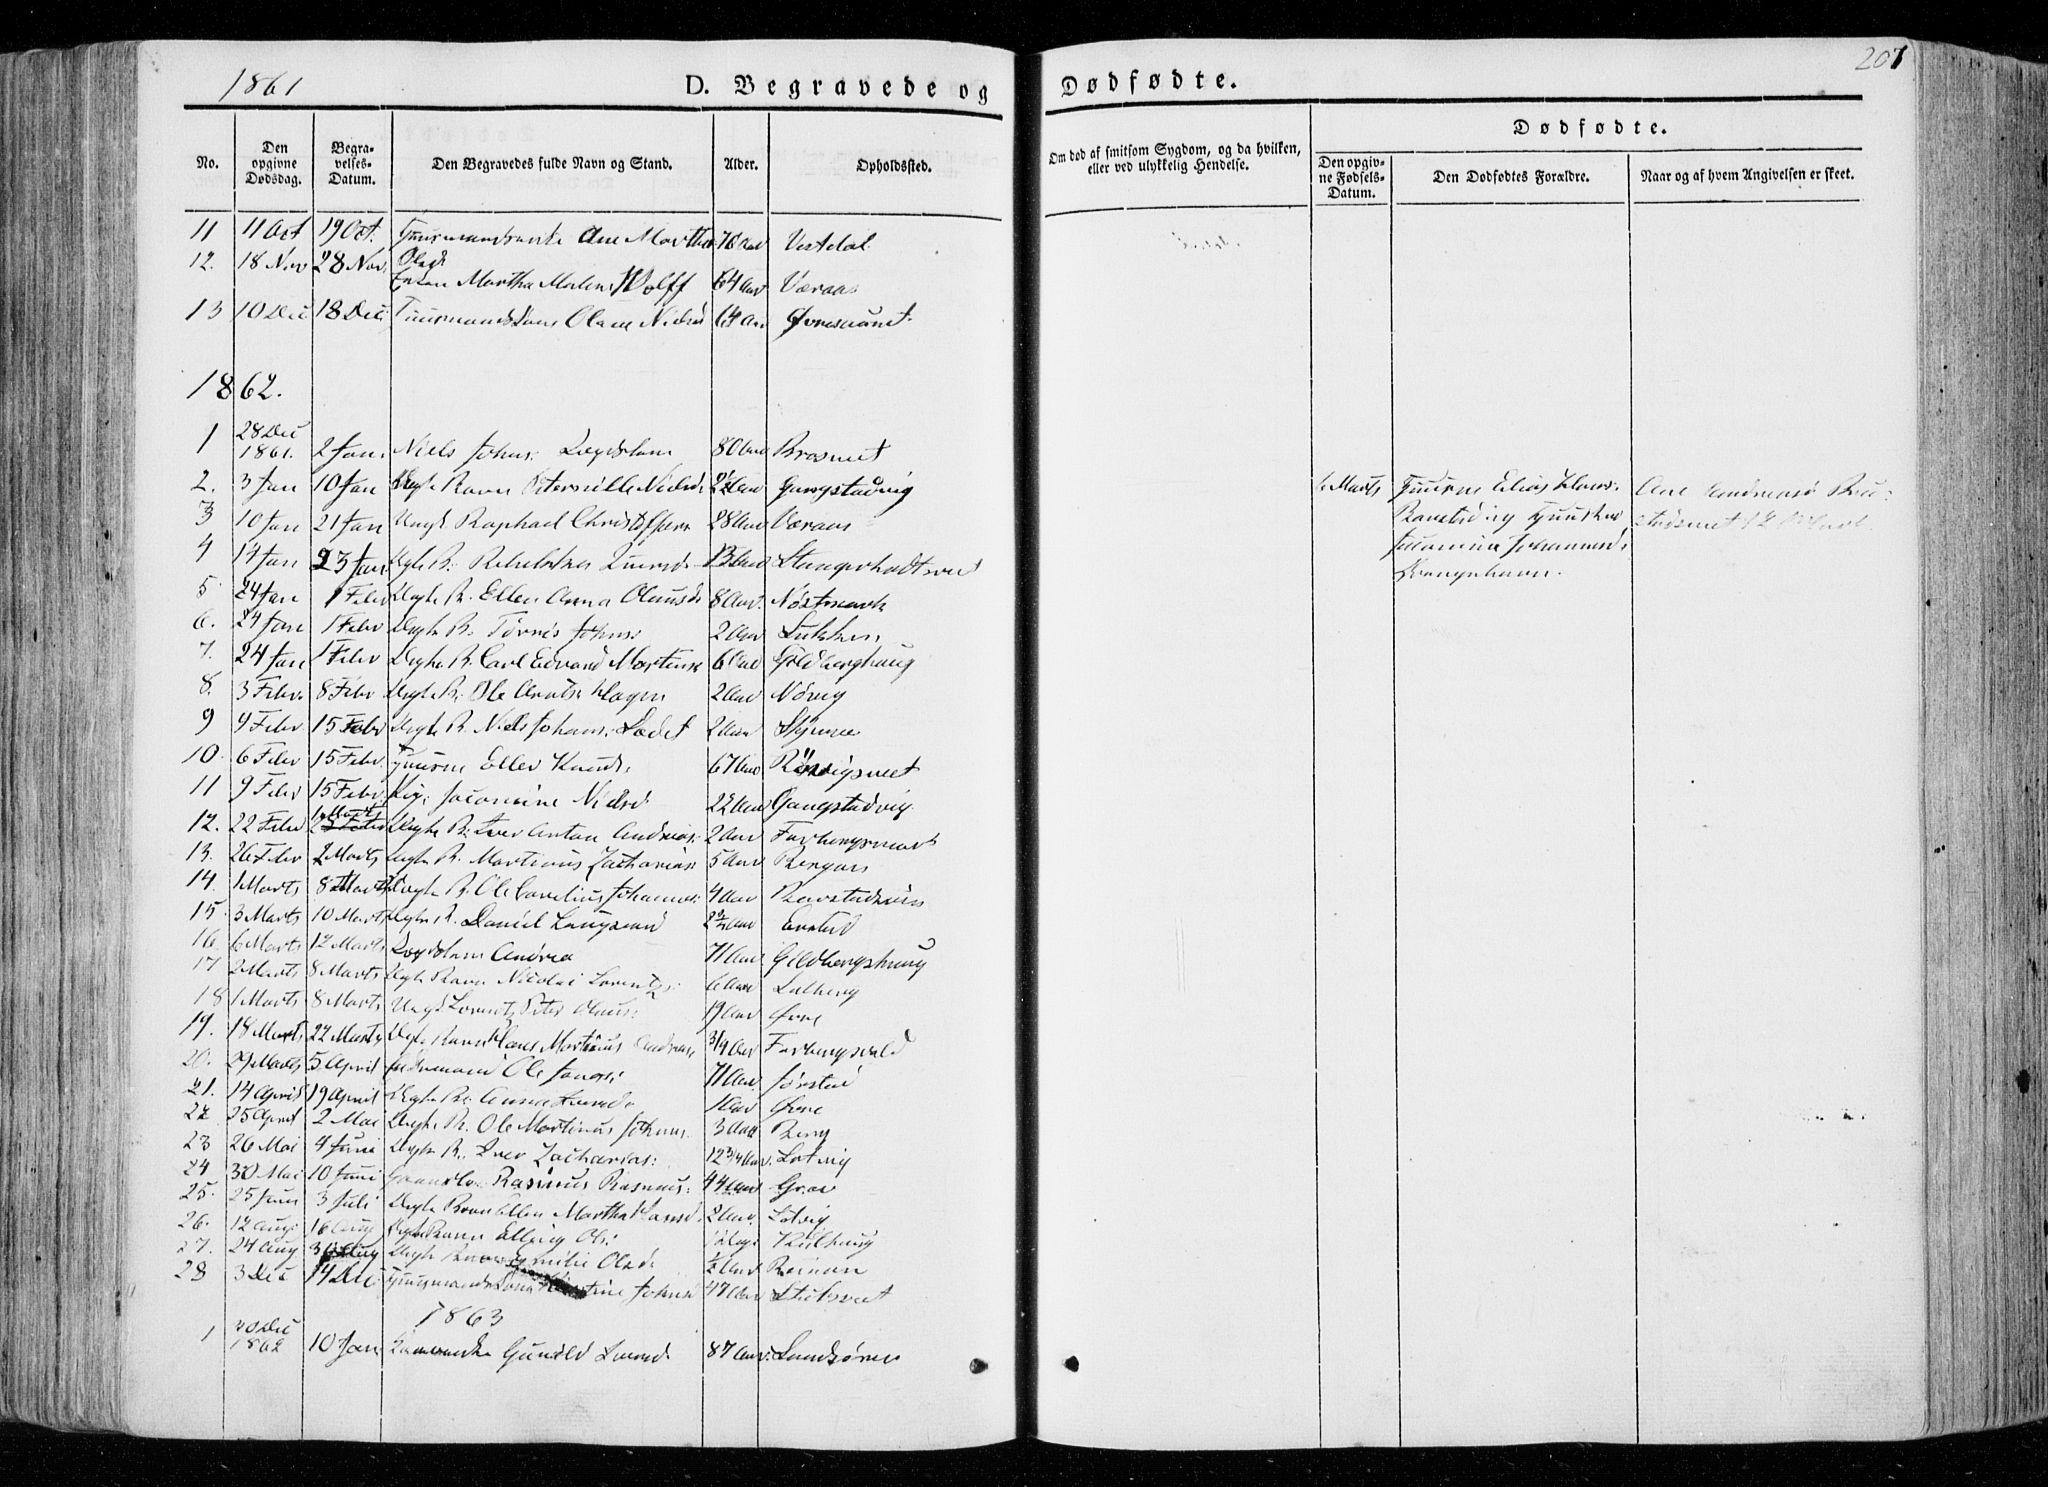 SAT, Ministerialprotokoller, klokkerbøker og fødselsregistre - Nord-Trøndelag, 722/L0218: Ministerialbok nr. 722A05, 1843-1868, s. 207